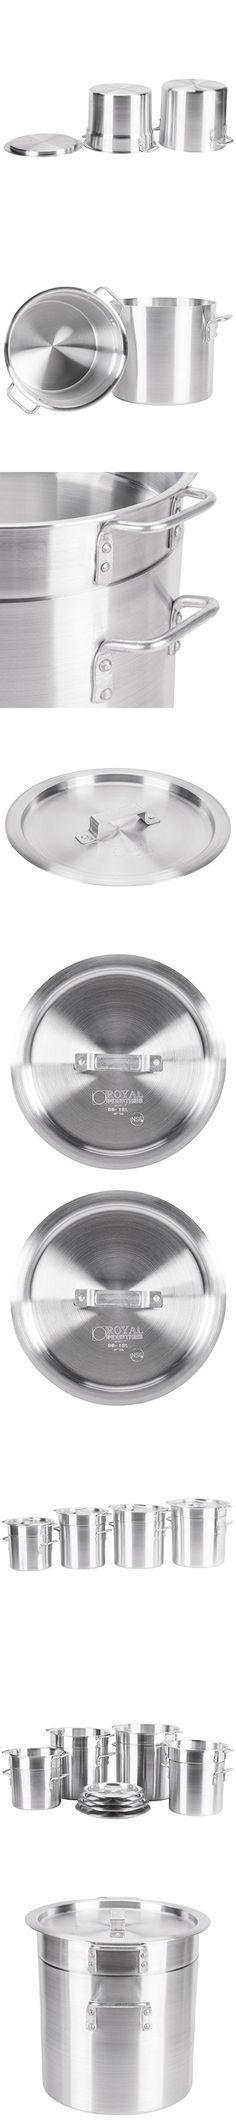 16 Qt. Aluminum Double Boiler